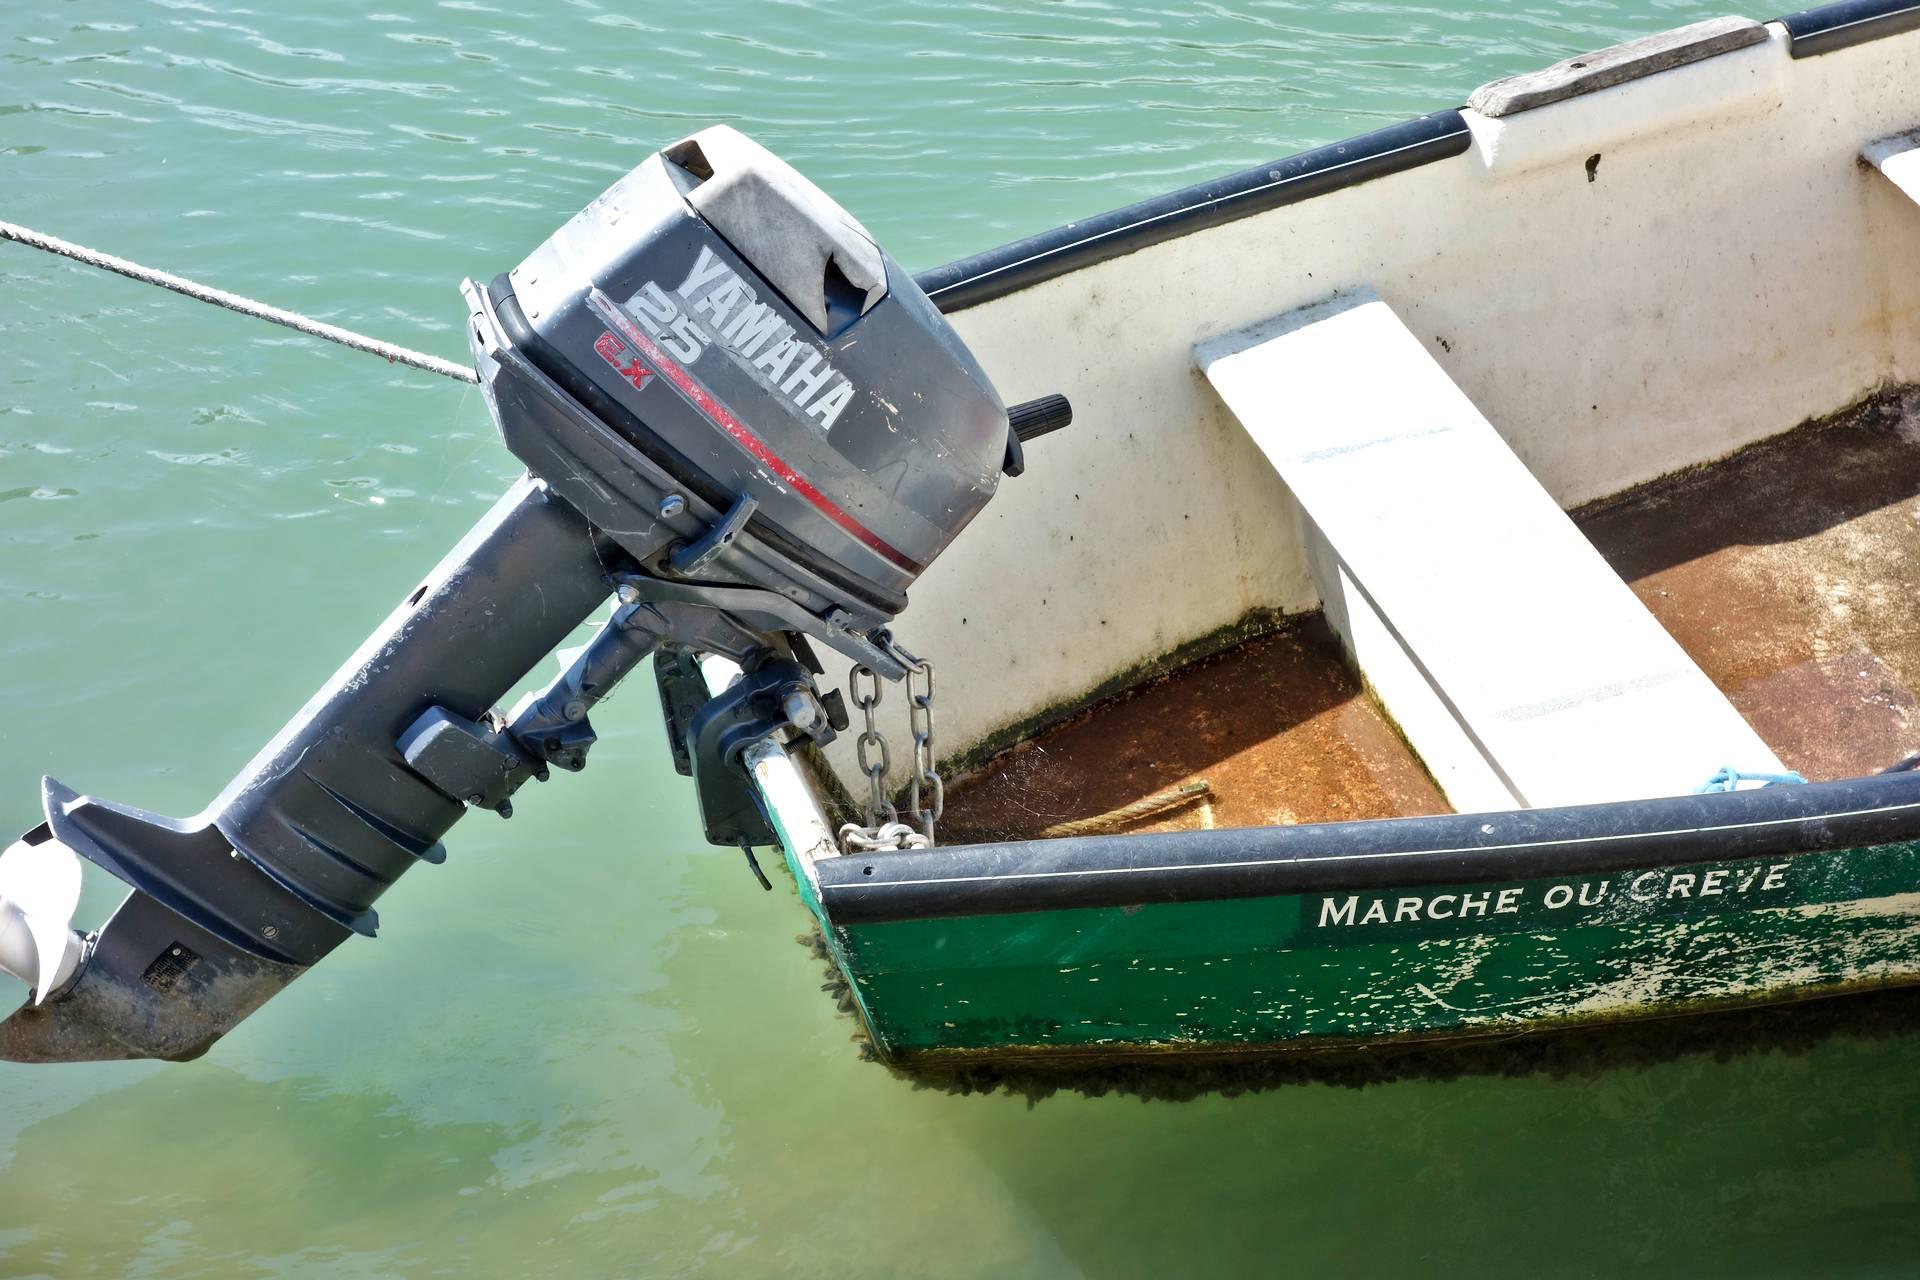 Poupe d'un canot à moteur baptisé «marche ou crève»